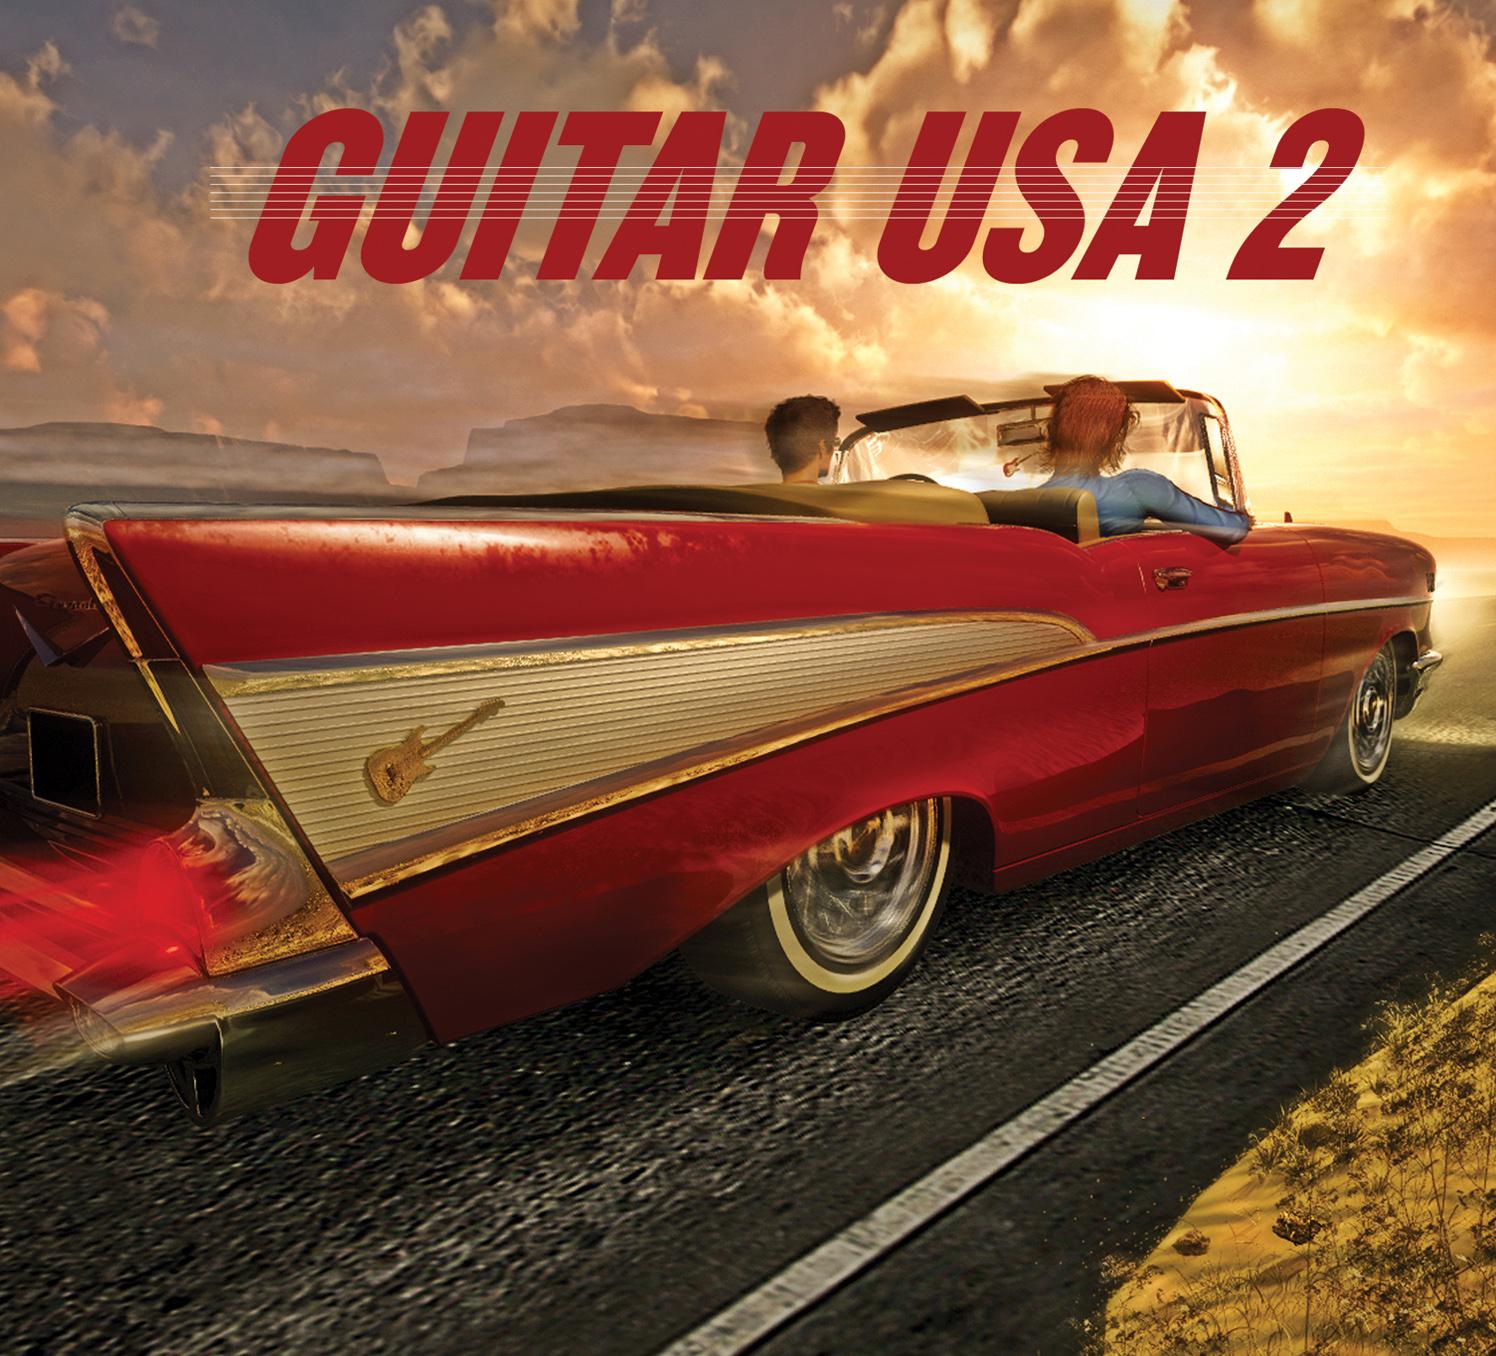 Guitar USA 2